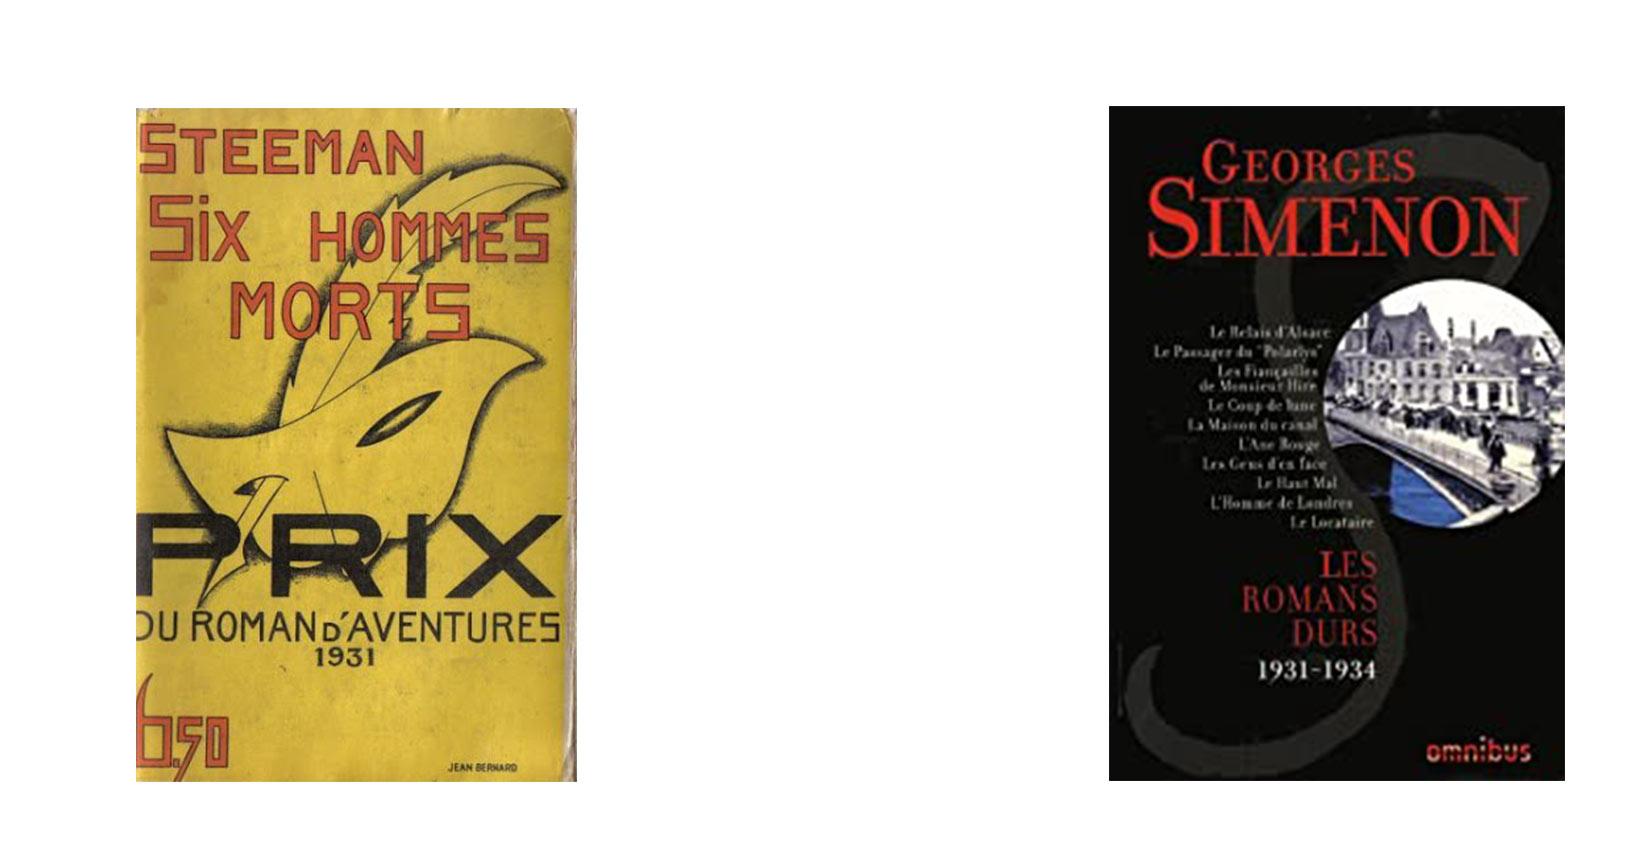 Steeman et Simenon : deux auteurs emblématiques du roman policier belge